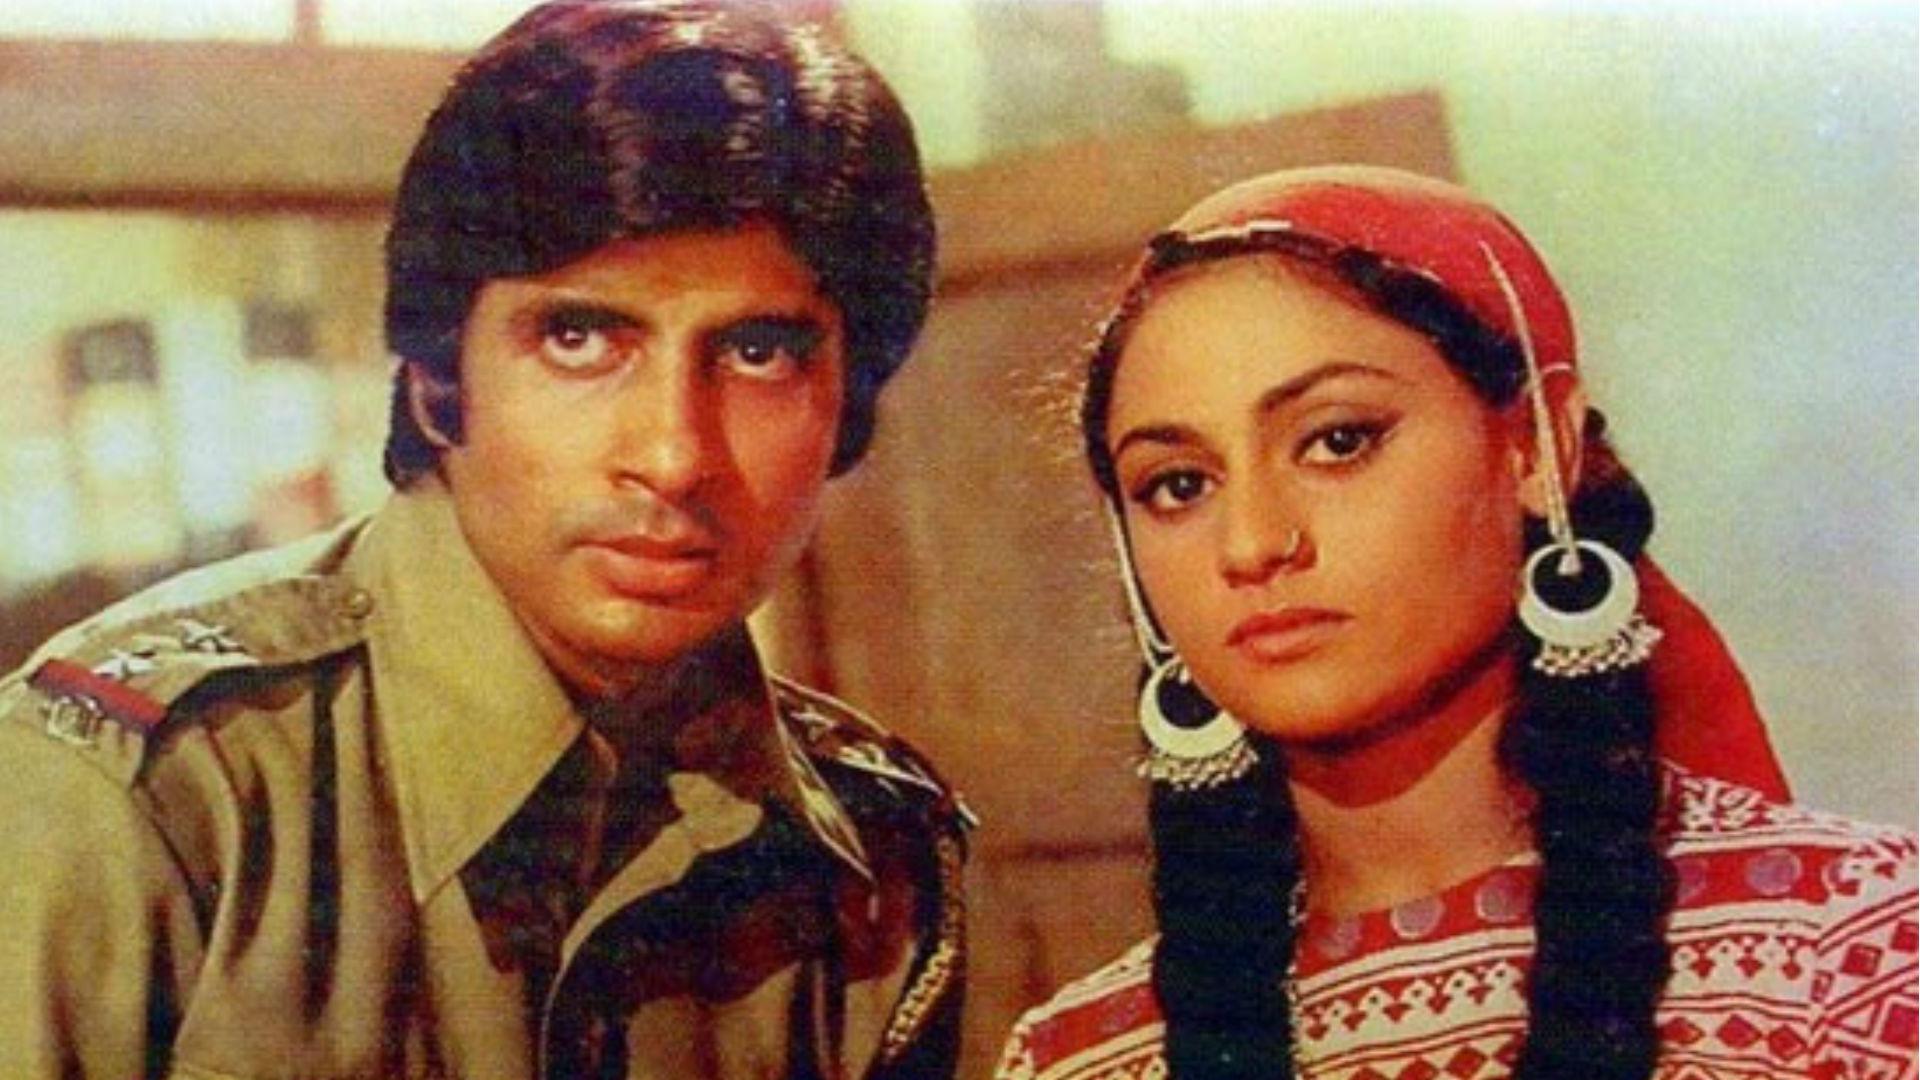 जया बच्चन बर्थडेः पत्नी ने लिखी थी अमिताभ बच्चन की इस सुपरहिट फिल्म की कहानी, आज भी मशहूर है एक डायलॉग